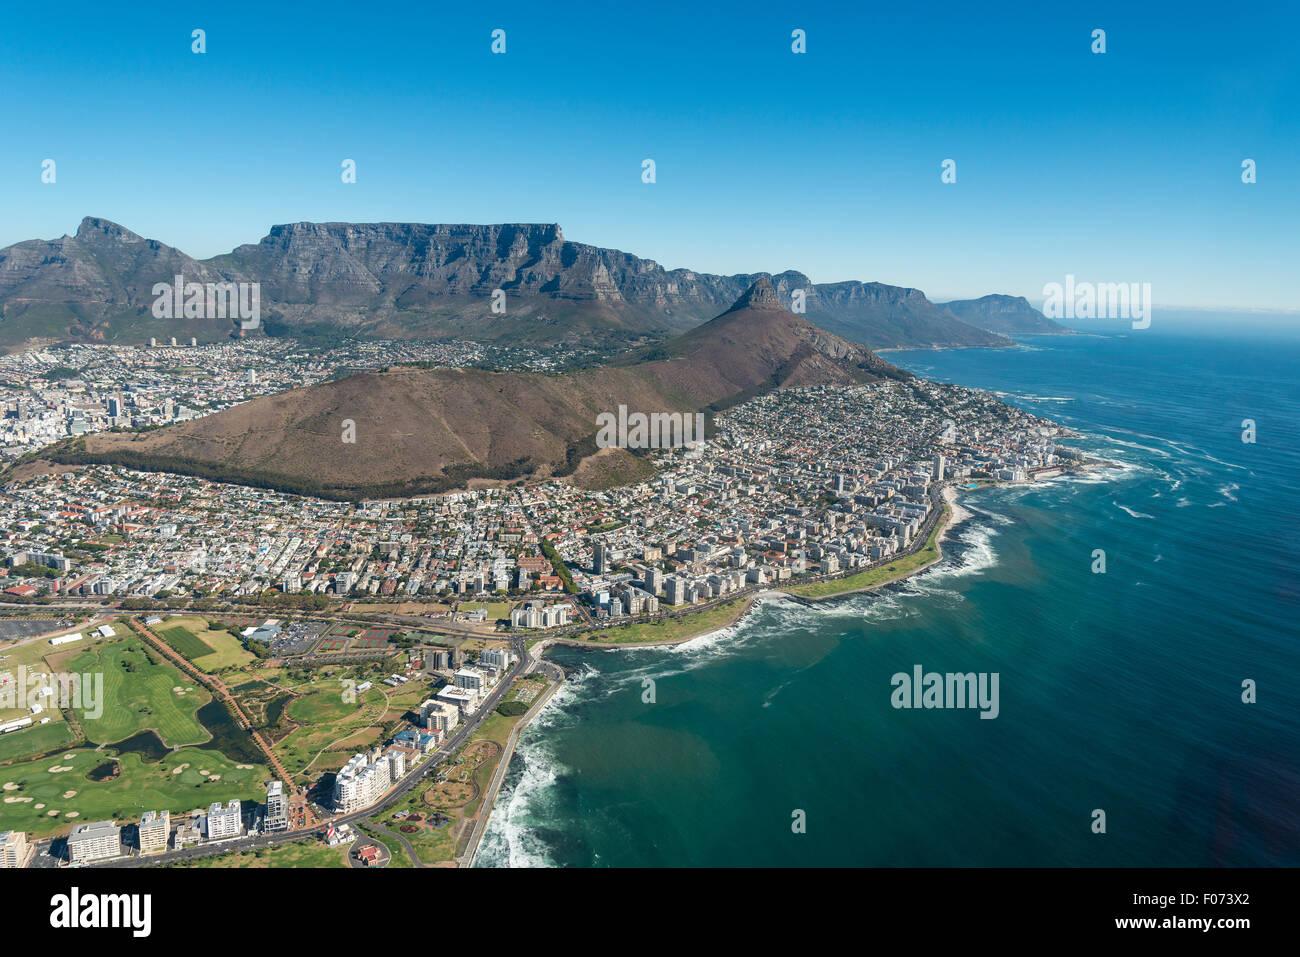 Vista aerea della città e spiagge, Cape Town, Provincia del Capo occidentale, Repubblica del Sud Africa Immagini Stock